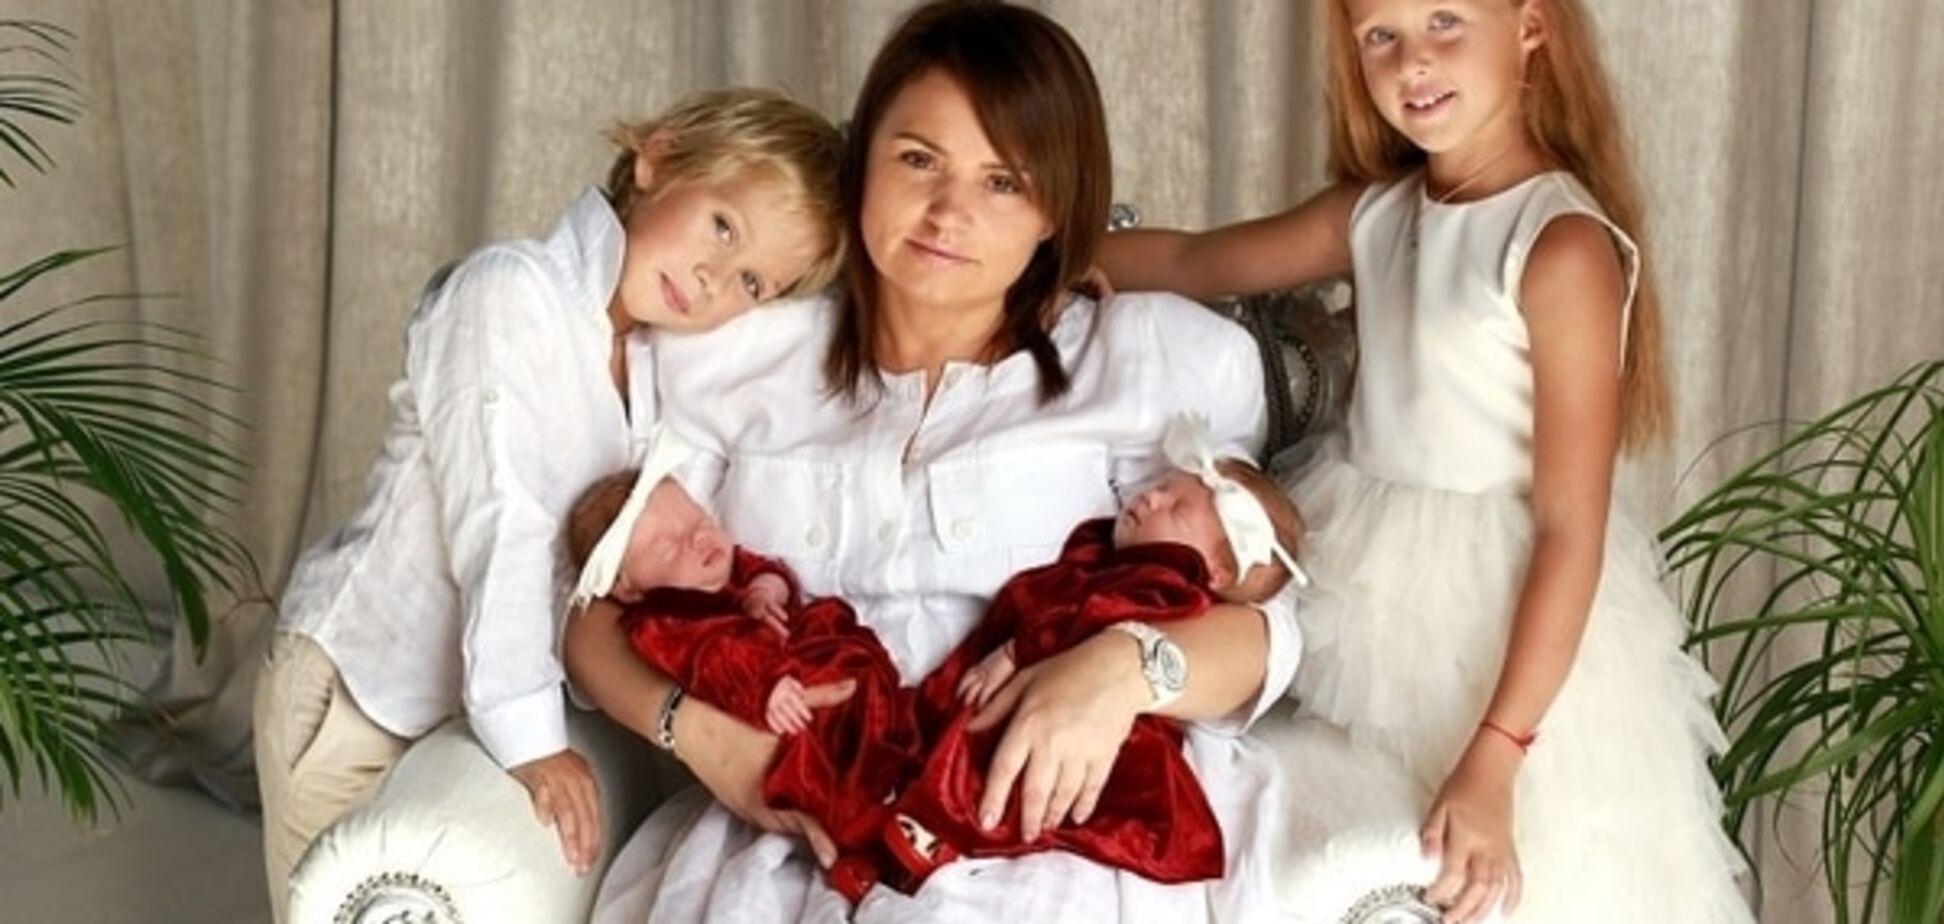 47-летняя Ирена Кильчицкая показала своих новорожденных двойняшек